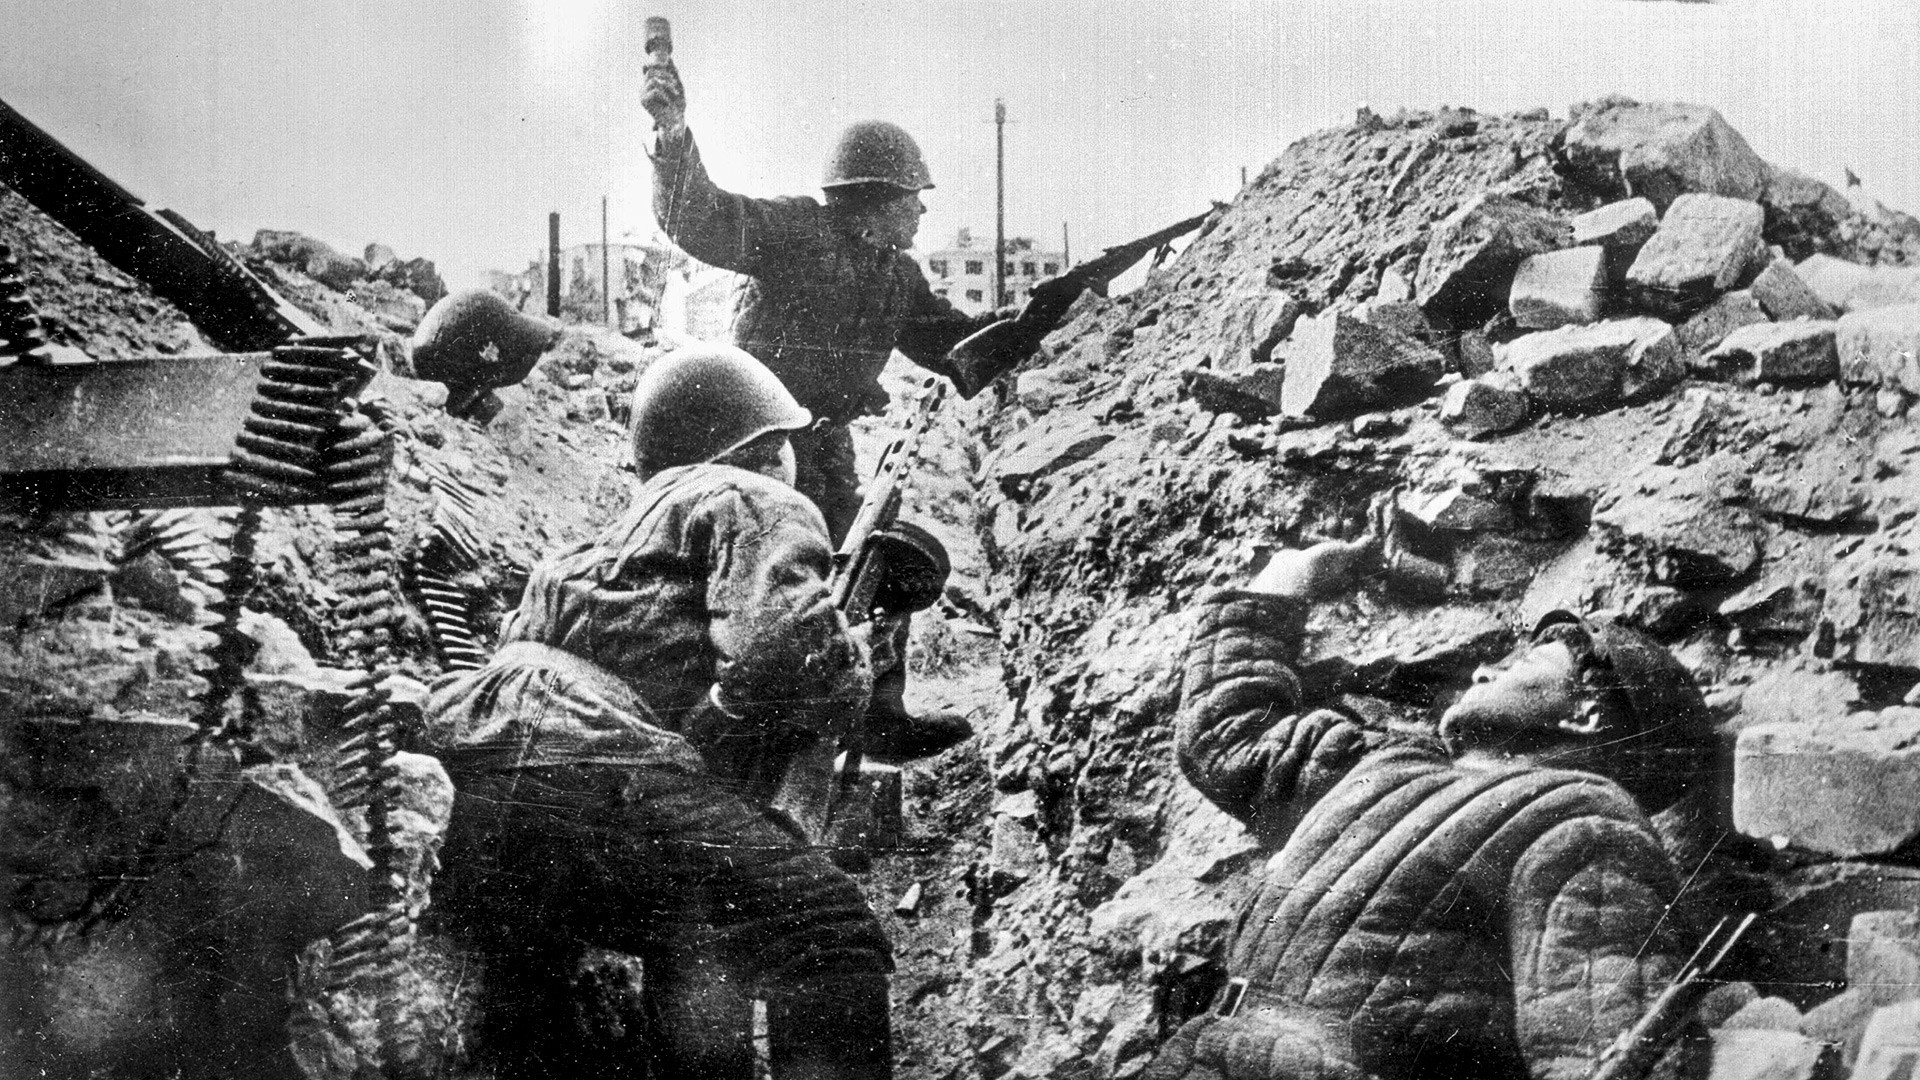 Des soldats russes pendant la bataille de Stalingrad